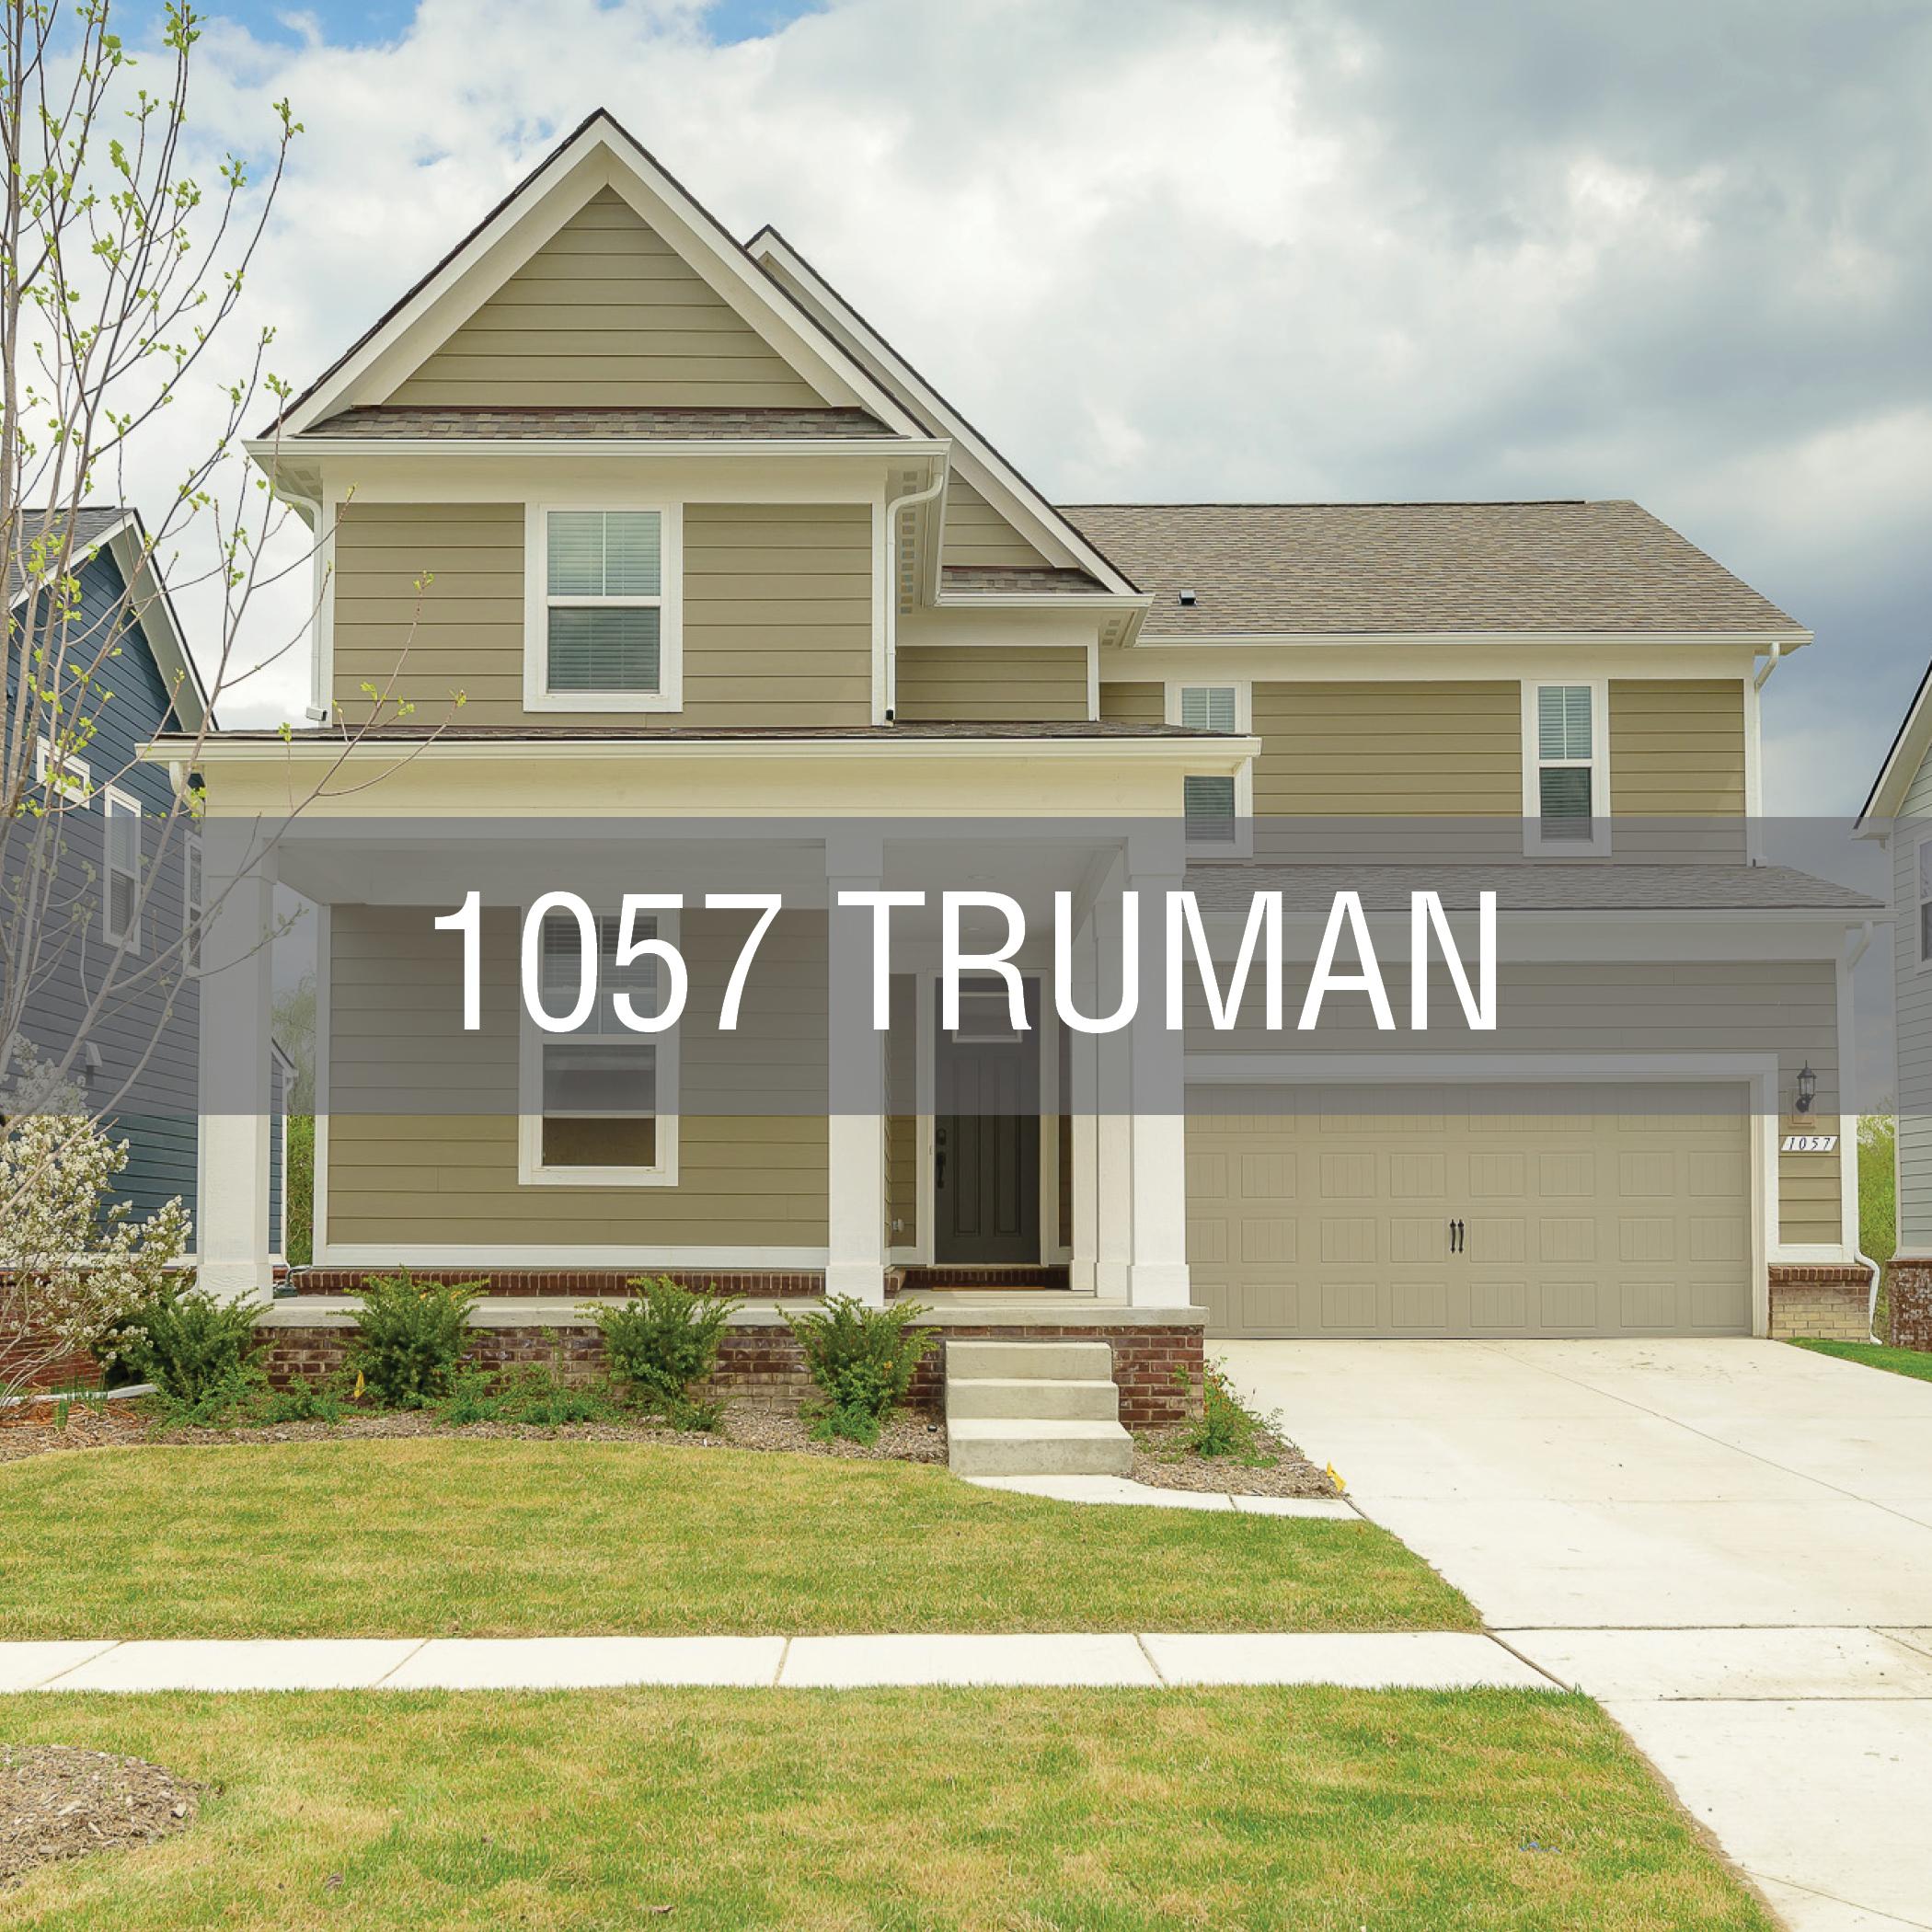 Truman1057.jpg